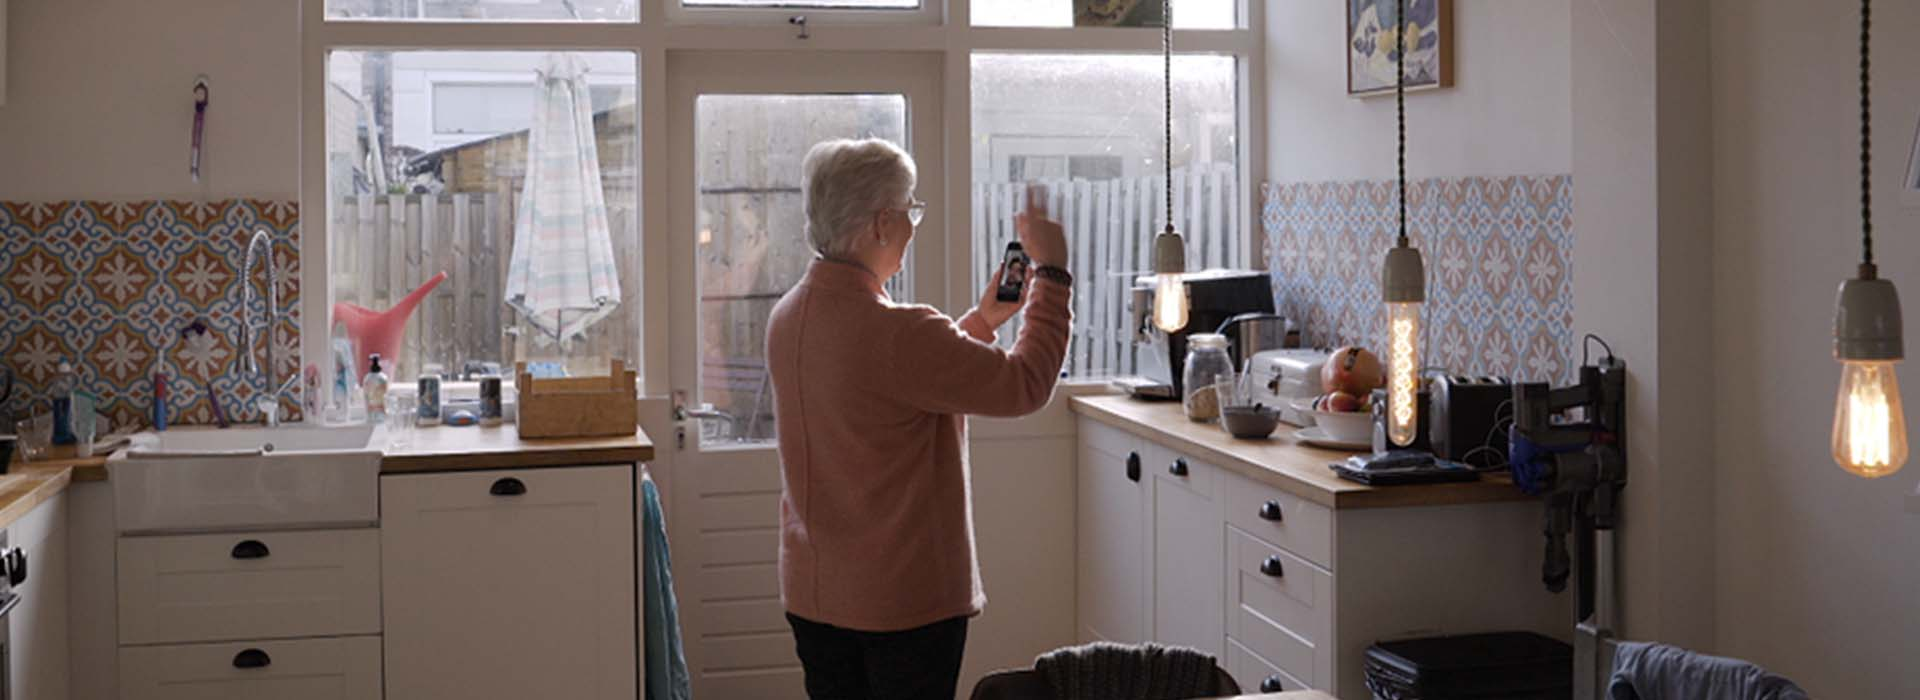 Coronavirus: initiatieven en start-ups die ouderen helpen